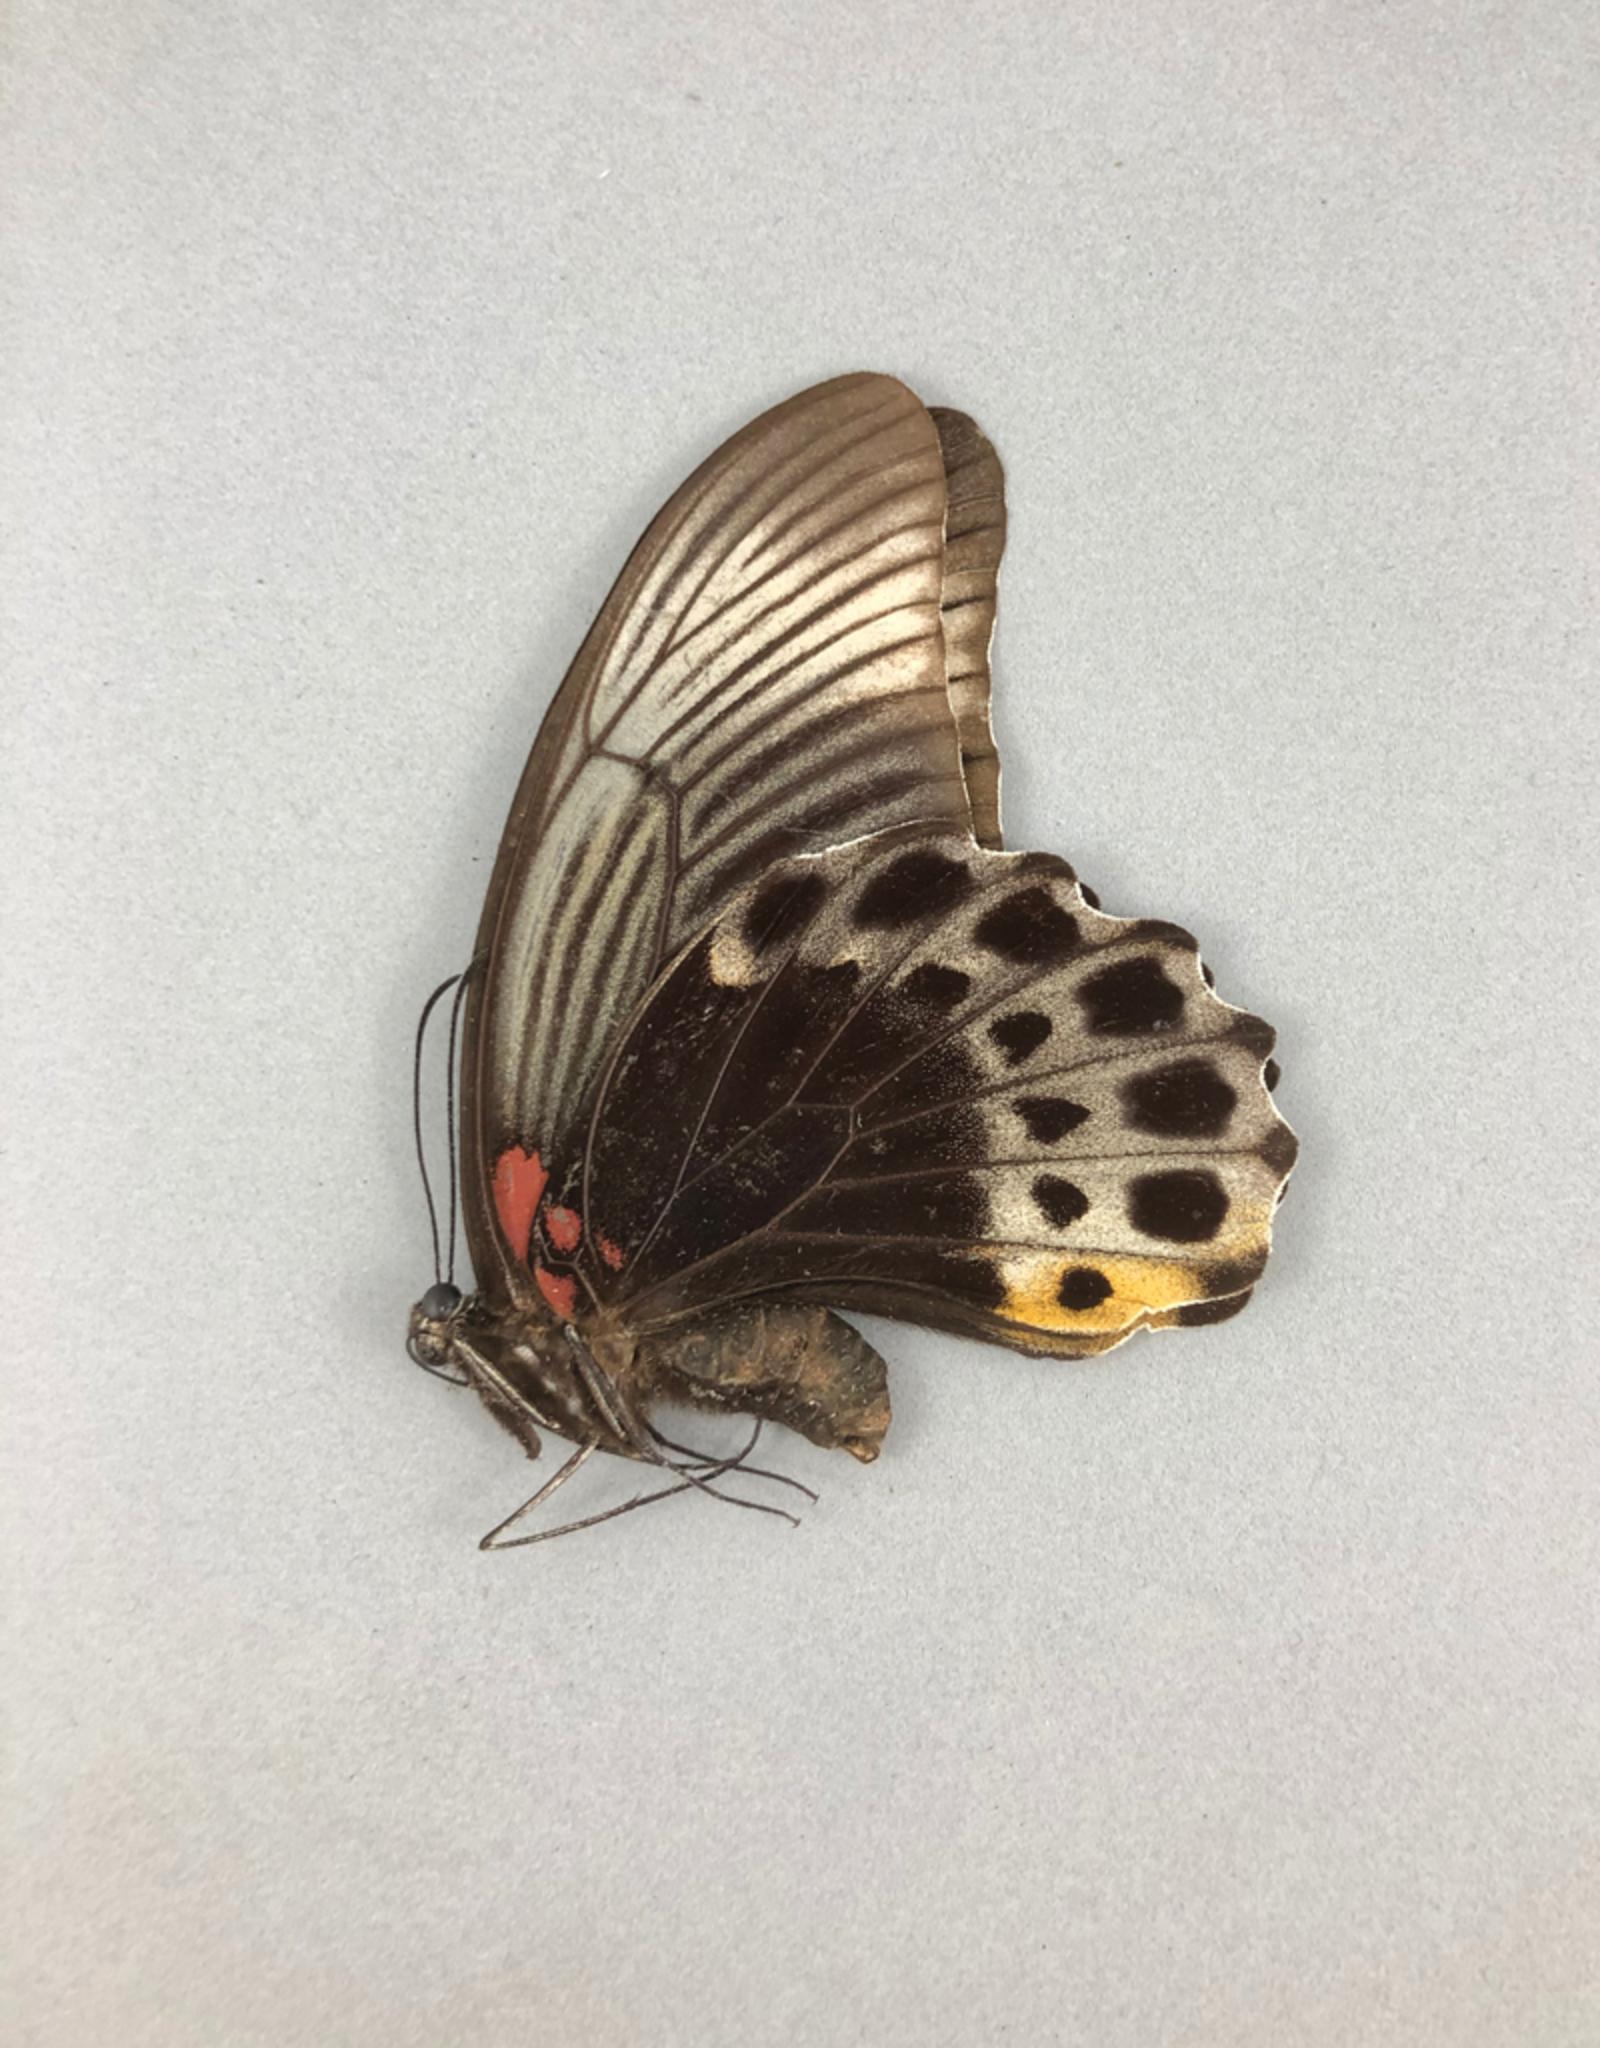 Papilio memnon anceus F A1 Indonesia